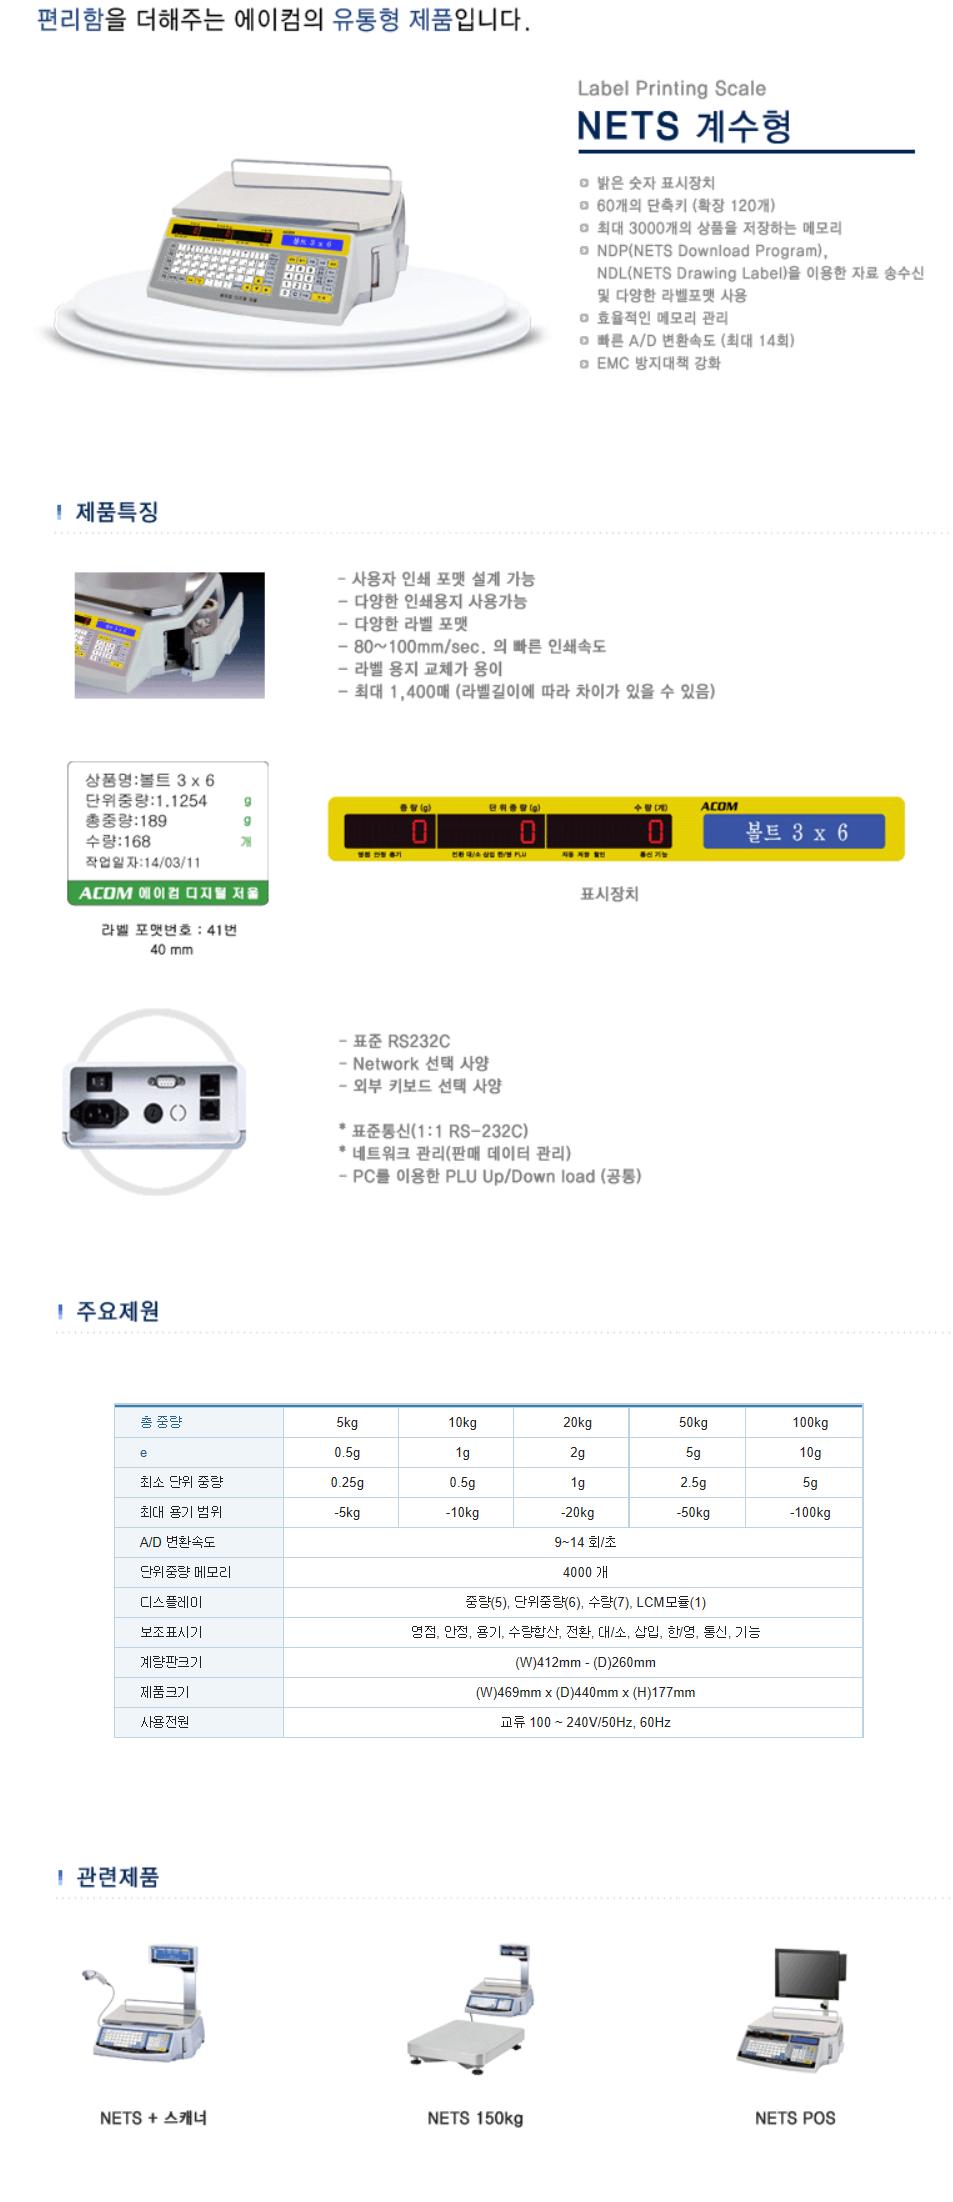 (주)에이컴 Label Printing Scale (NETS 계수형)